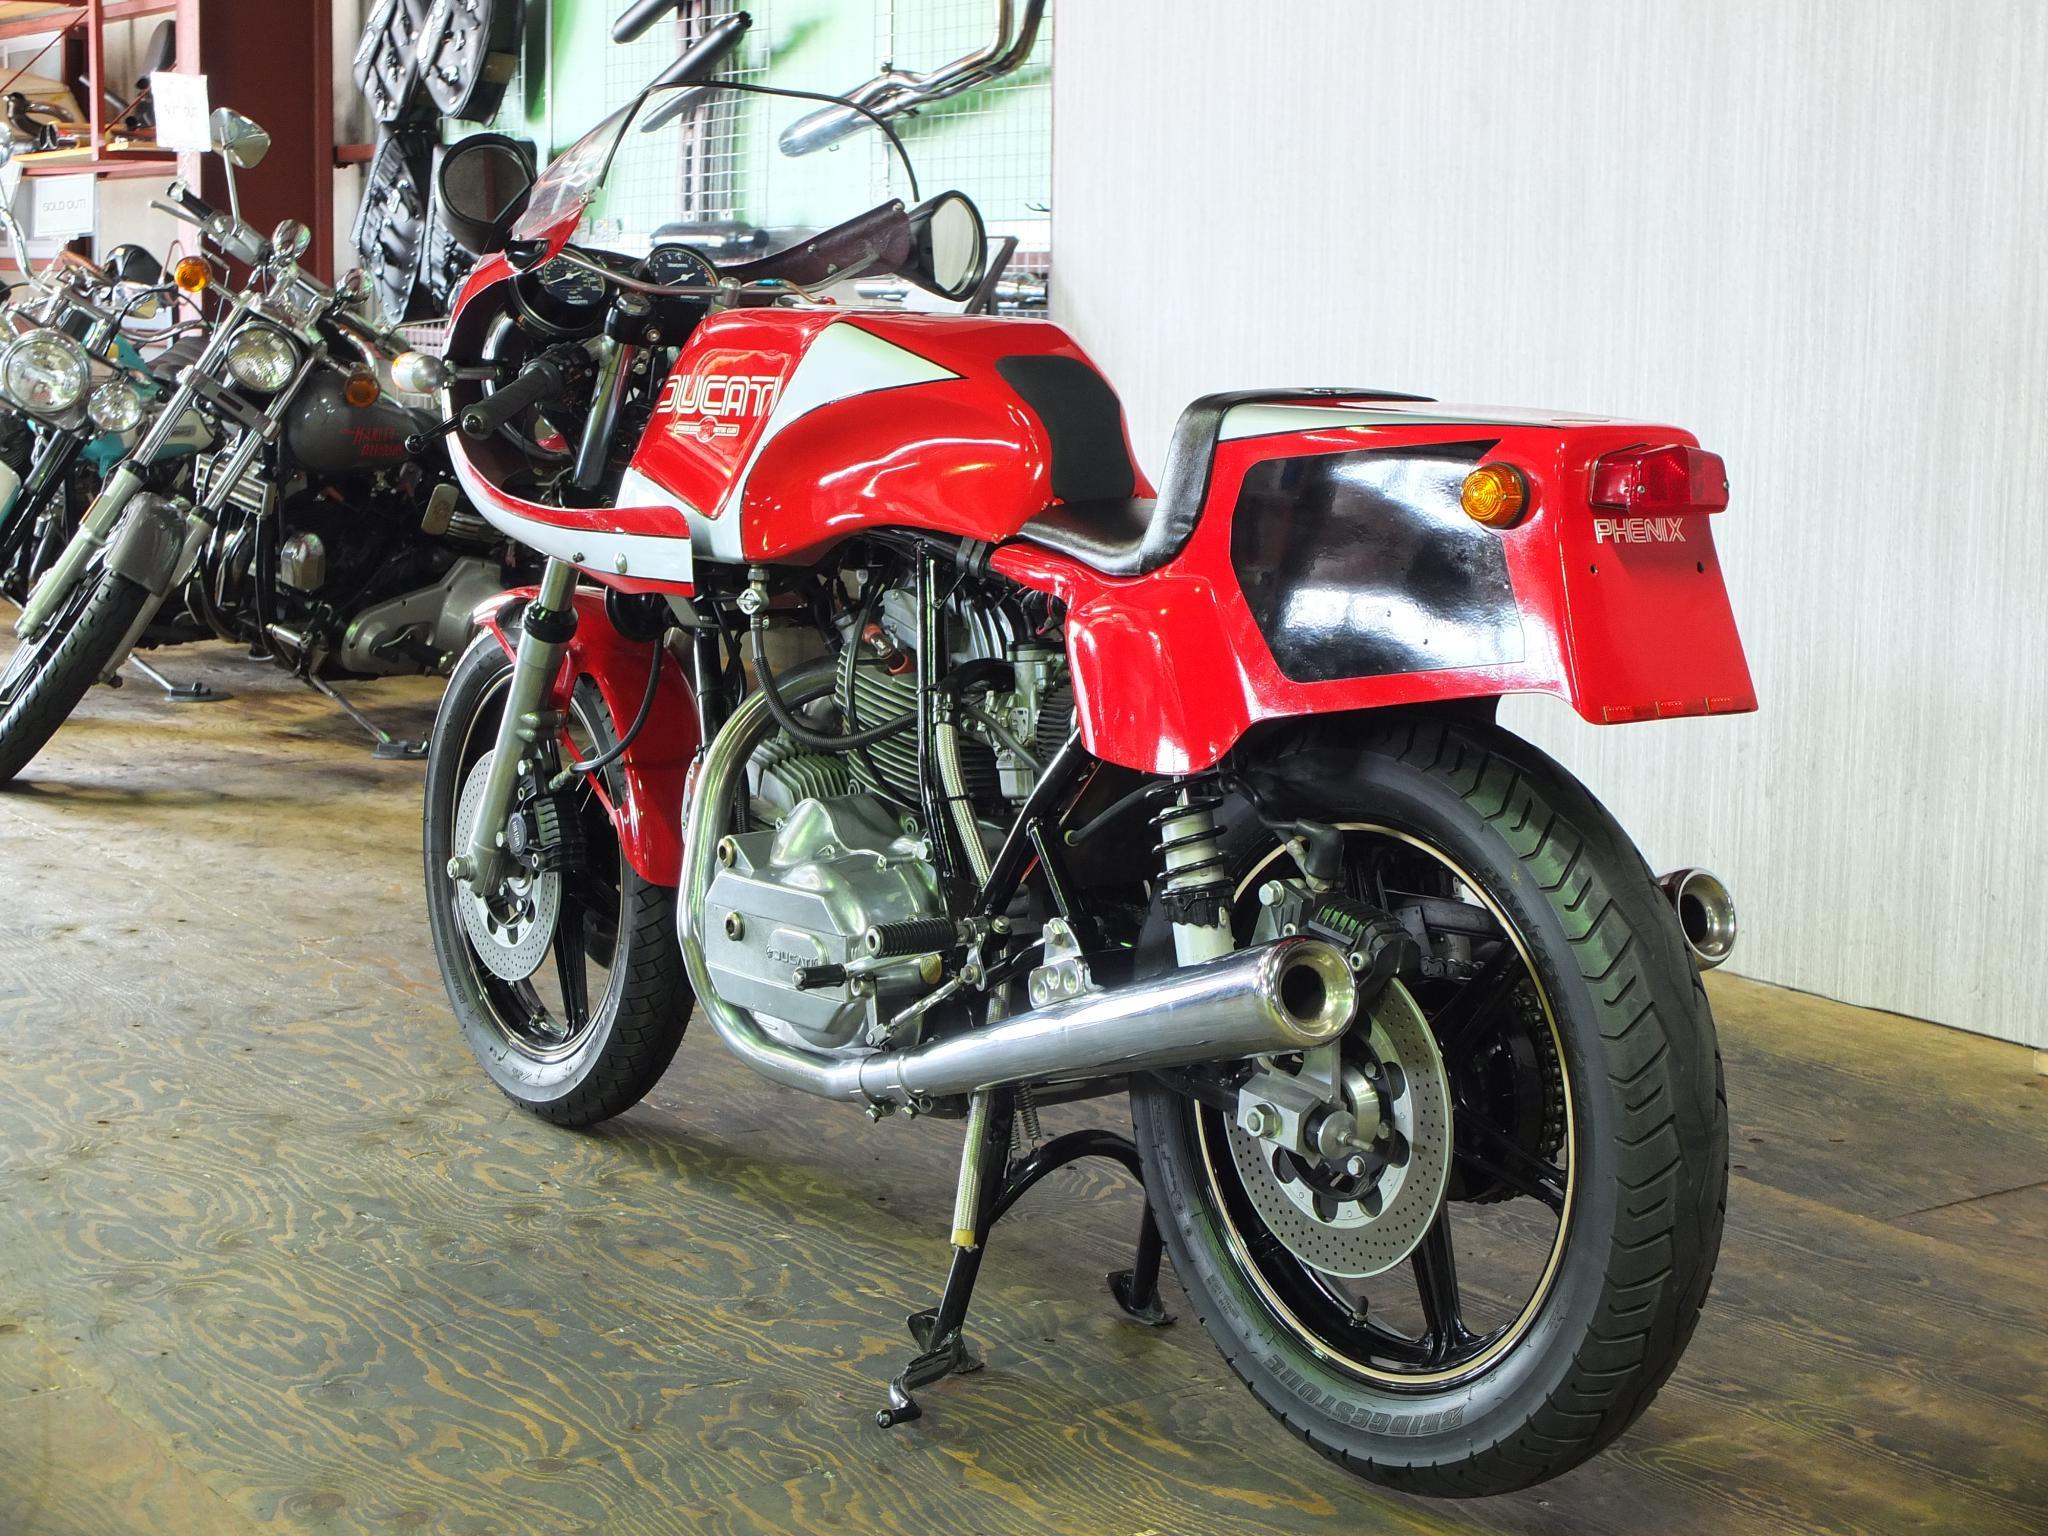 ドゥカティ 1983 Ducati MHR 900 車体写真6